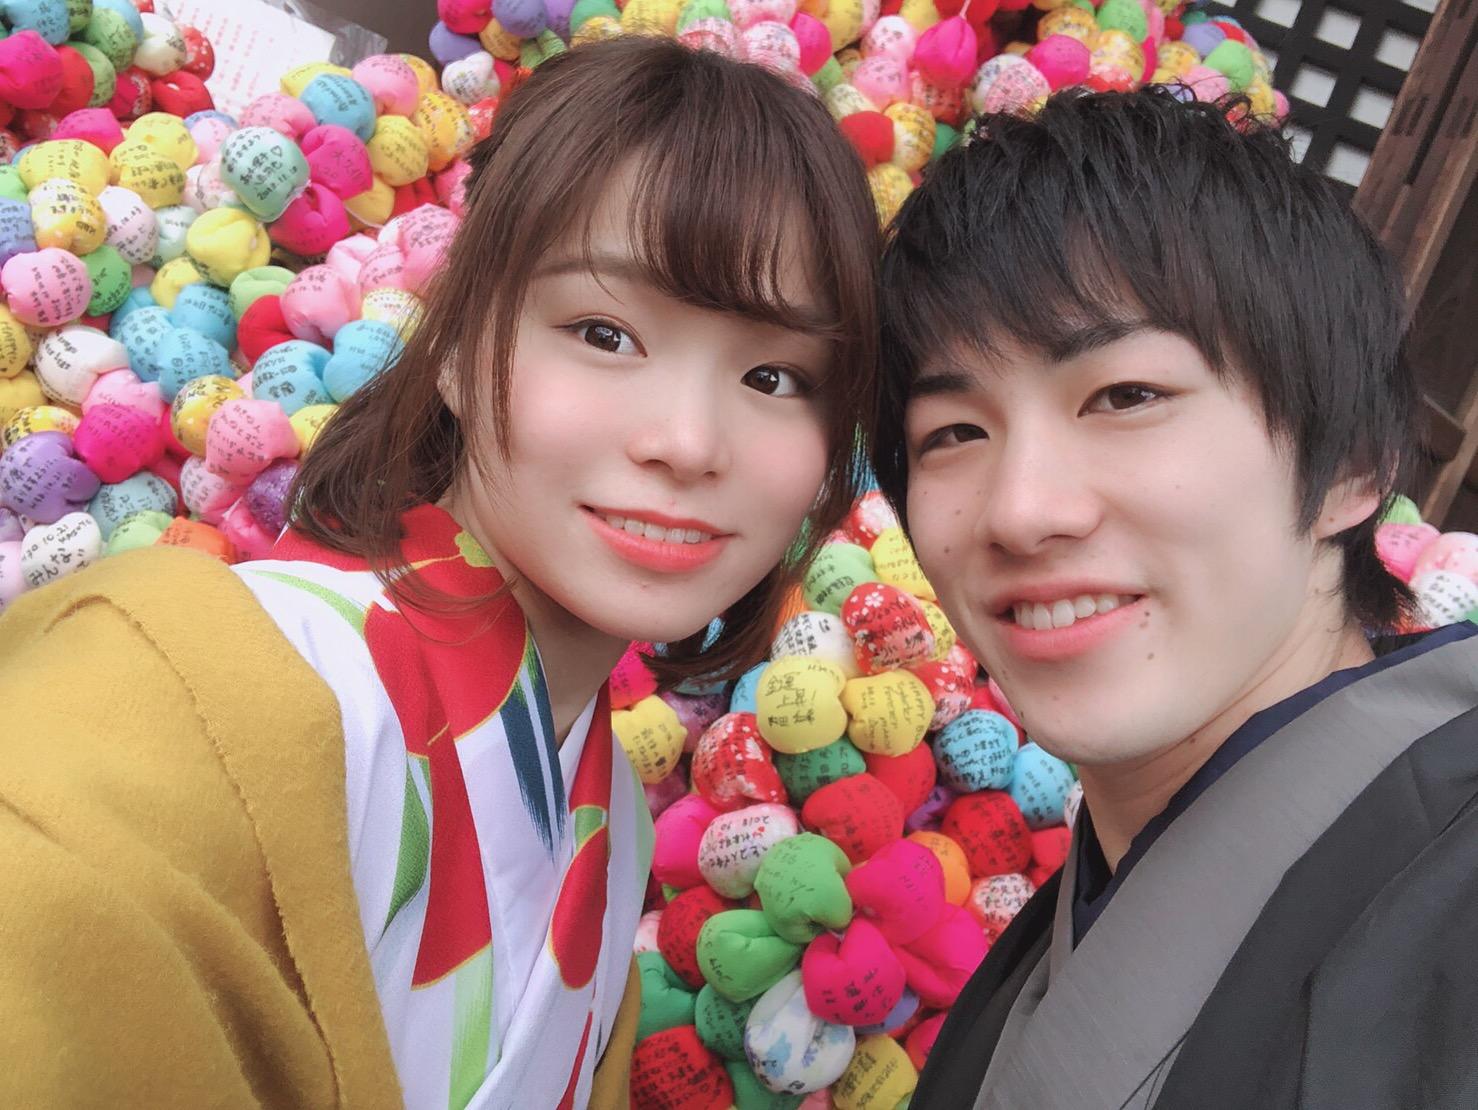 広島から卒業旅行の大学生♡2019年3月14日13